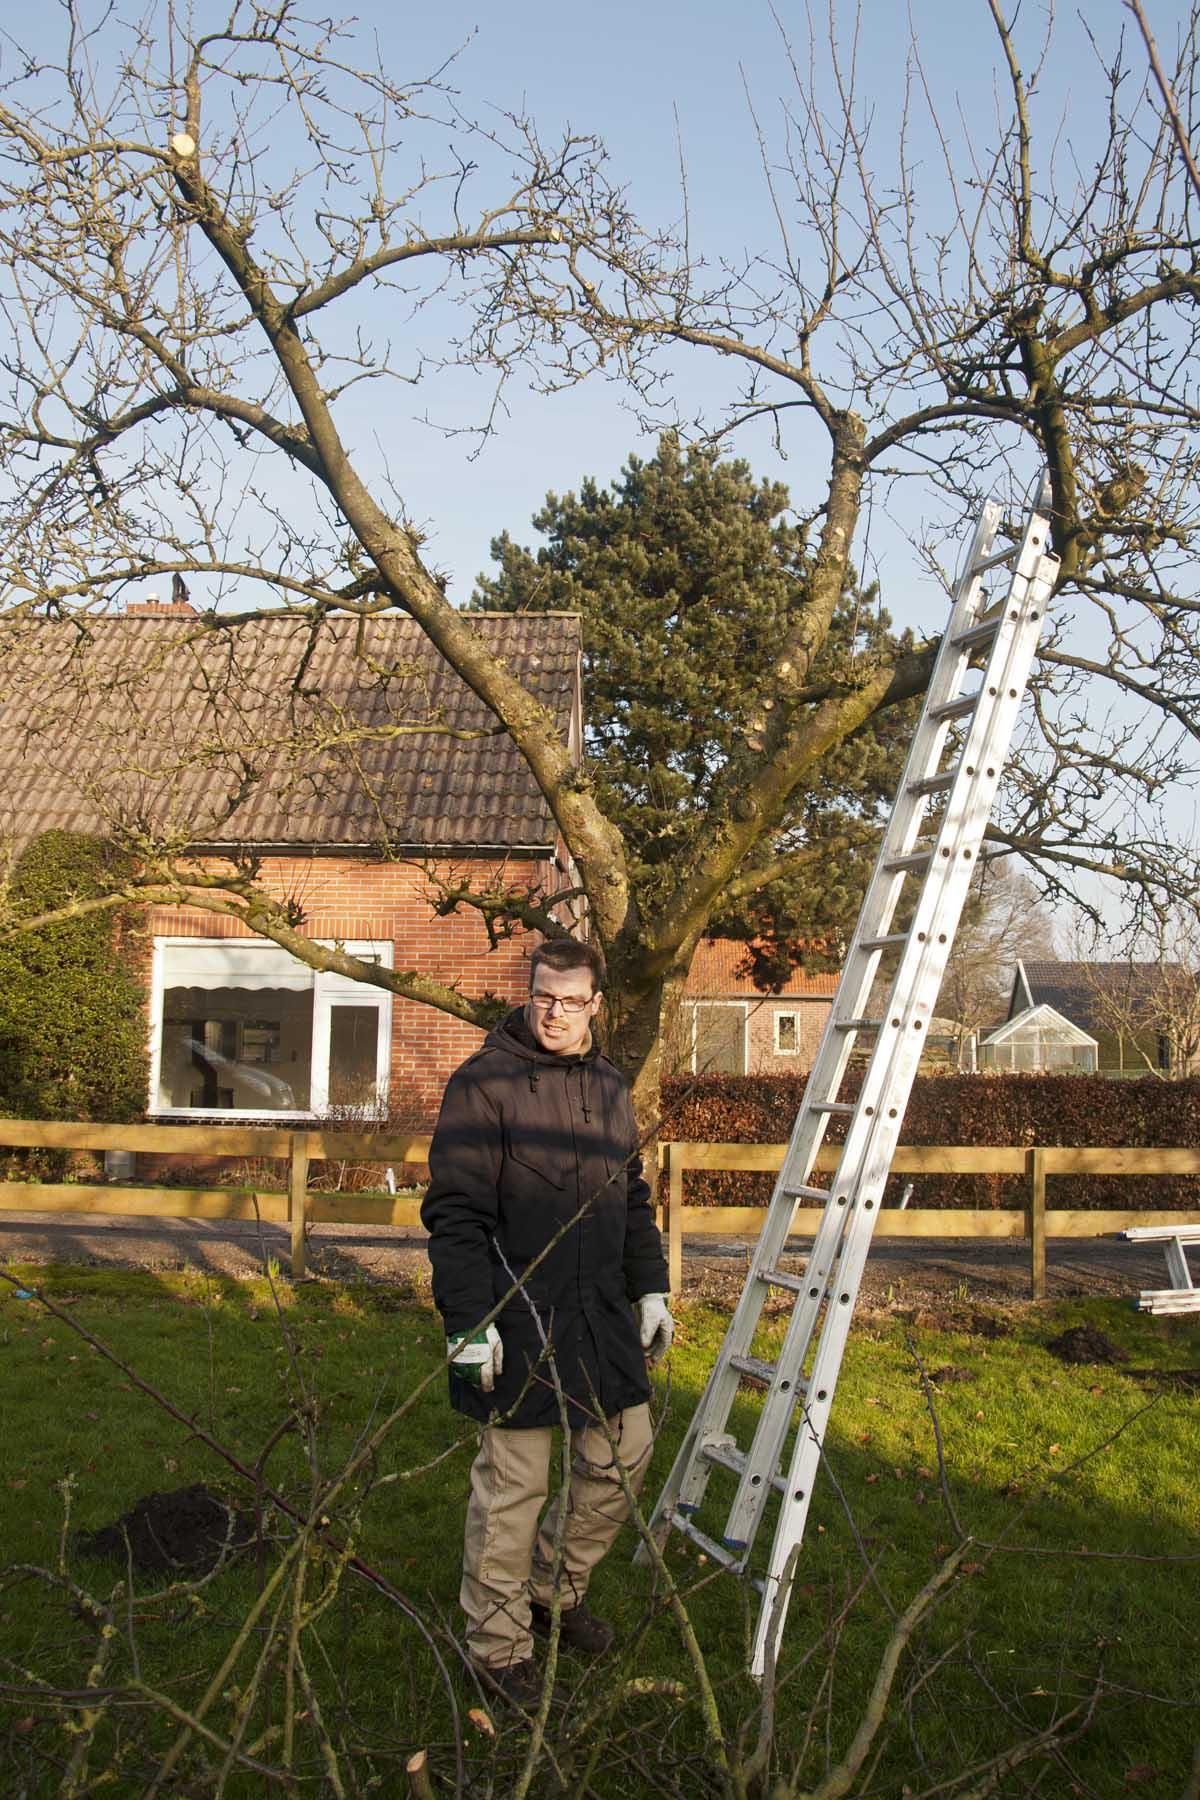 2012-01-28-hsb-wanneperveen-3524